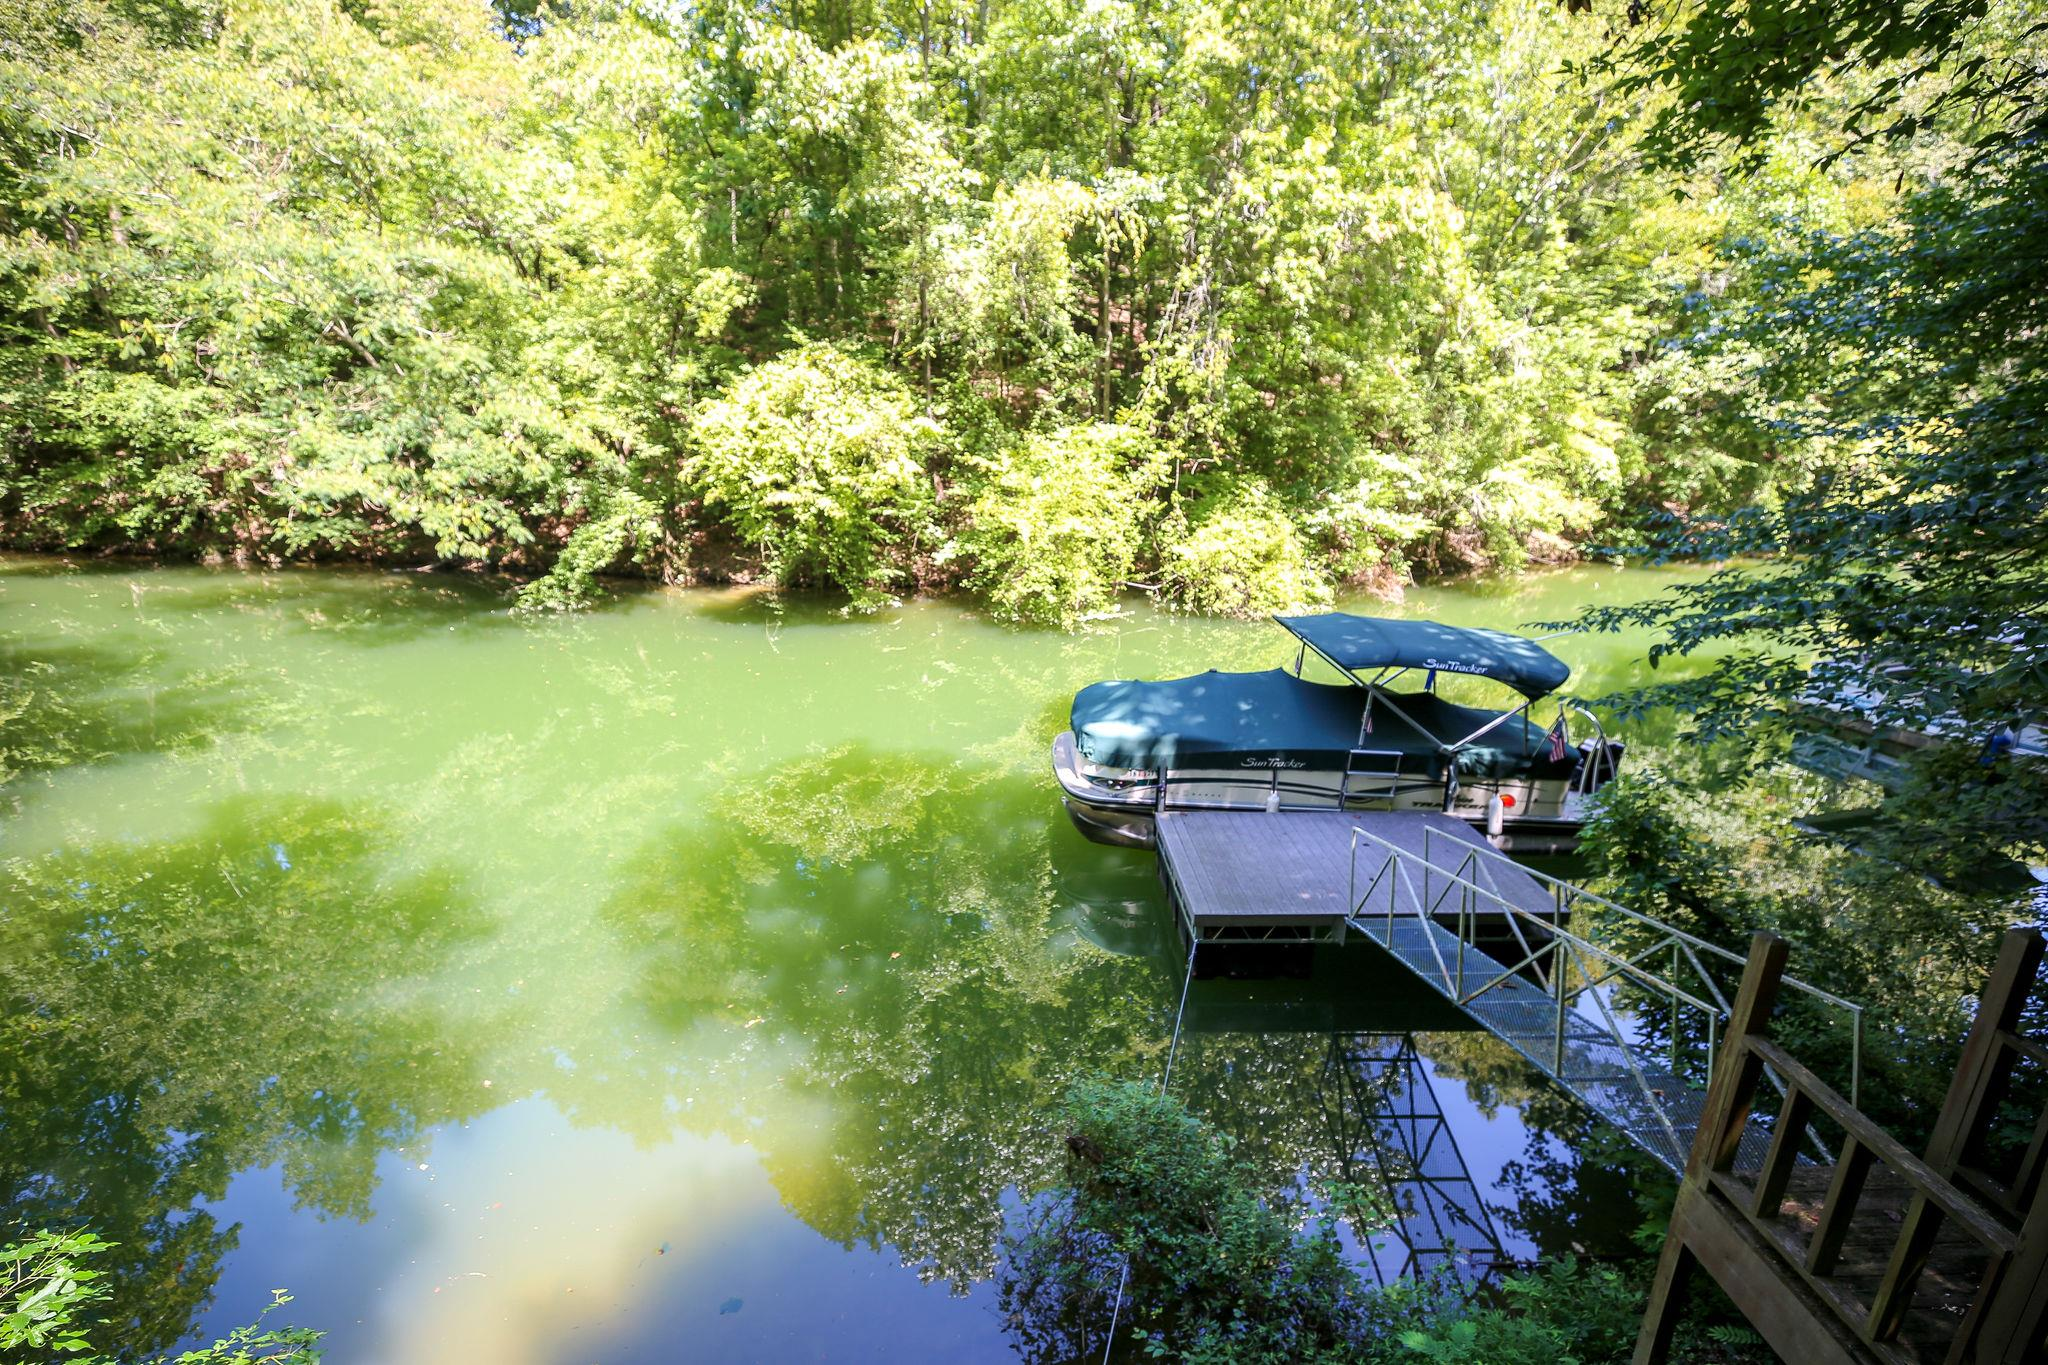 299 Elklore Ave, Estill Springs, TN 37330 - Estill Springs, TN real estate listing